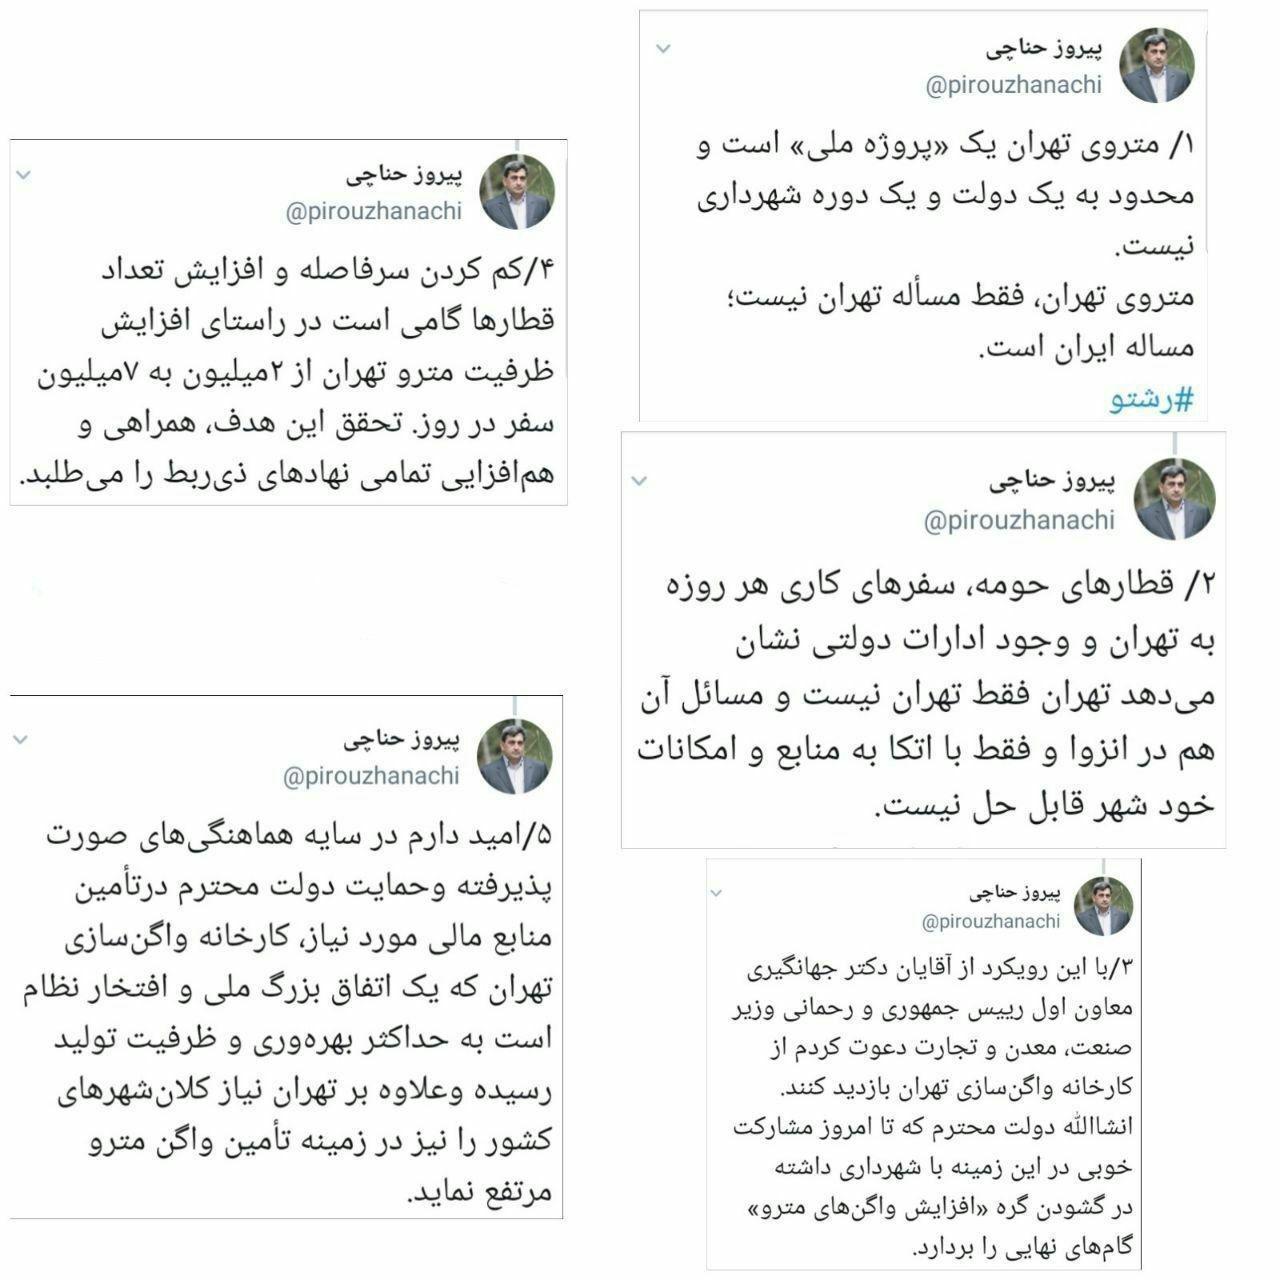 توضیحات شهردار درباره افزایش تعداد قطارهای مترو پایتخت